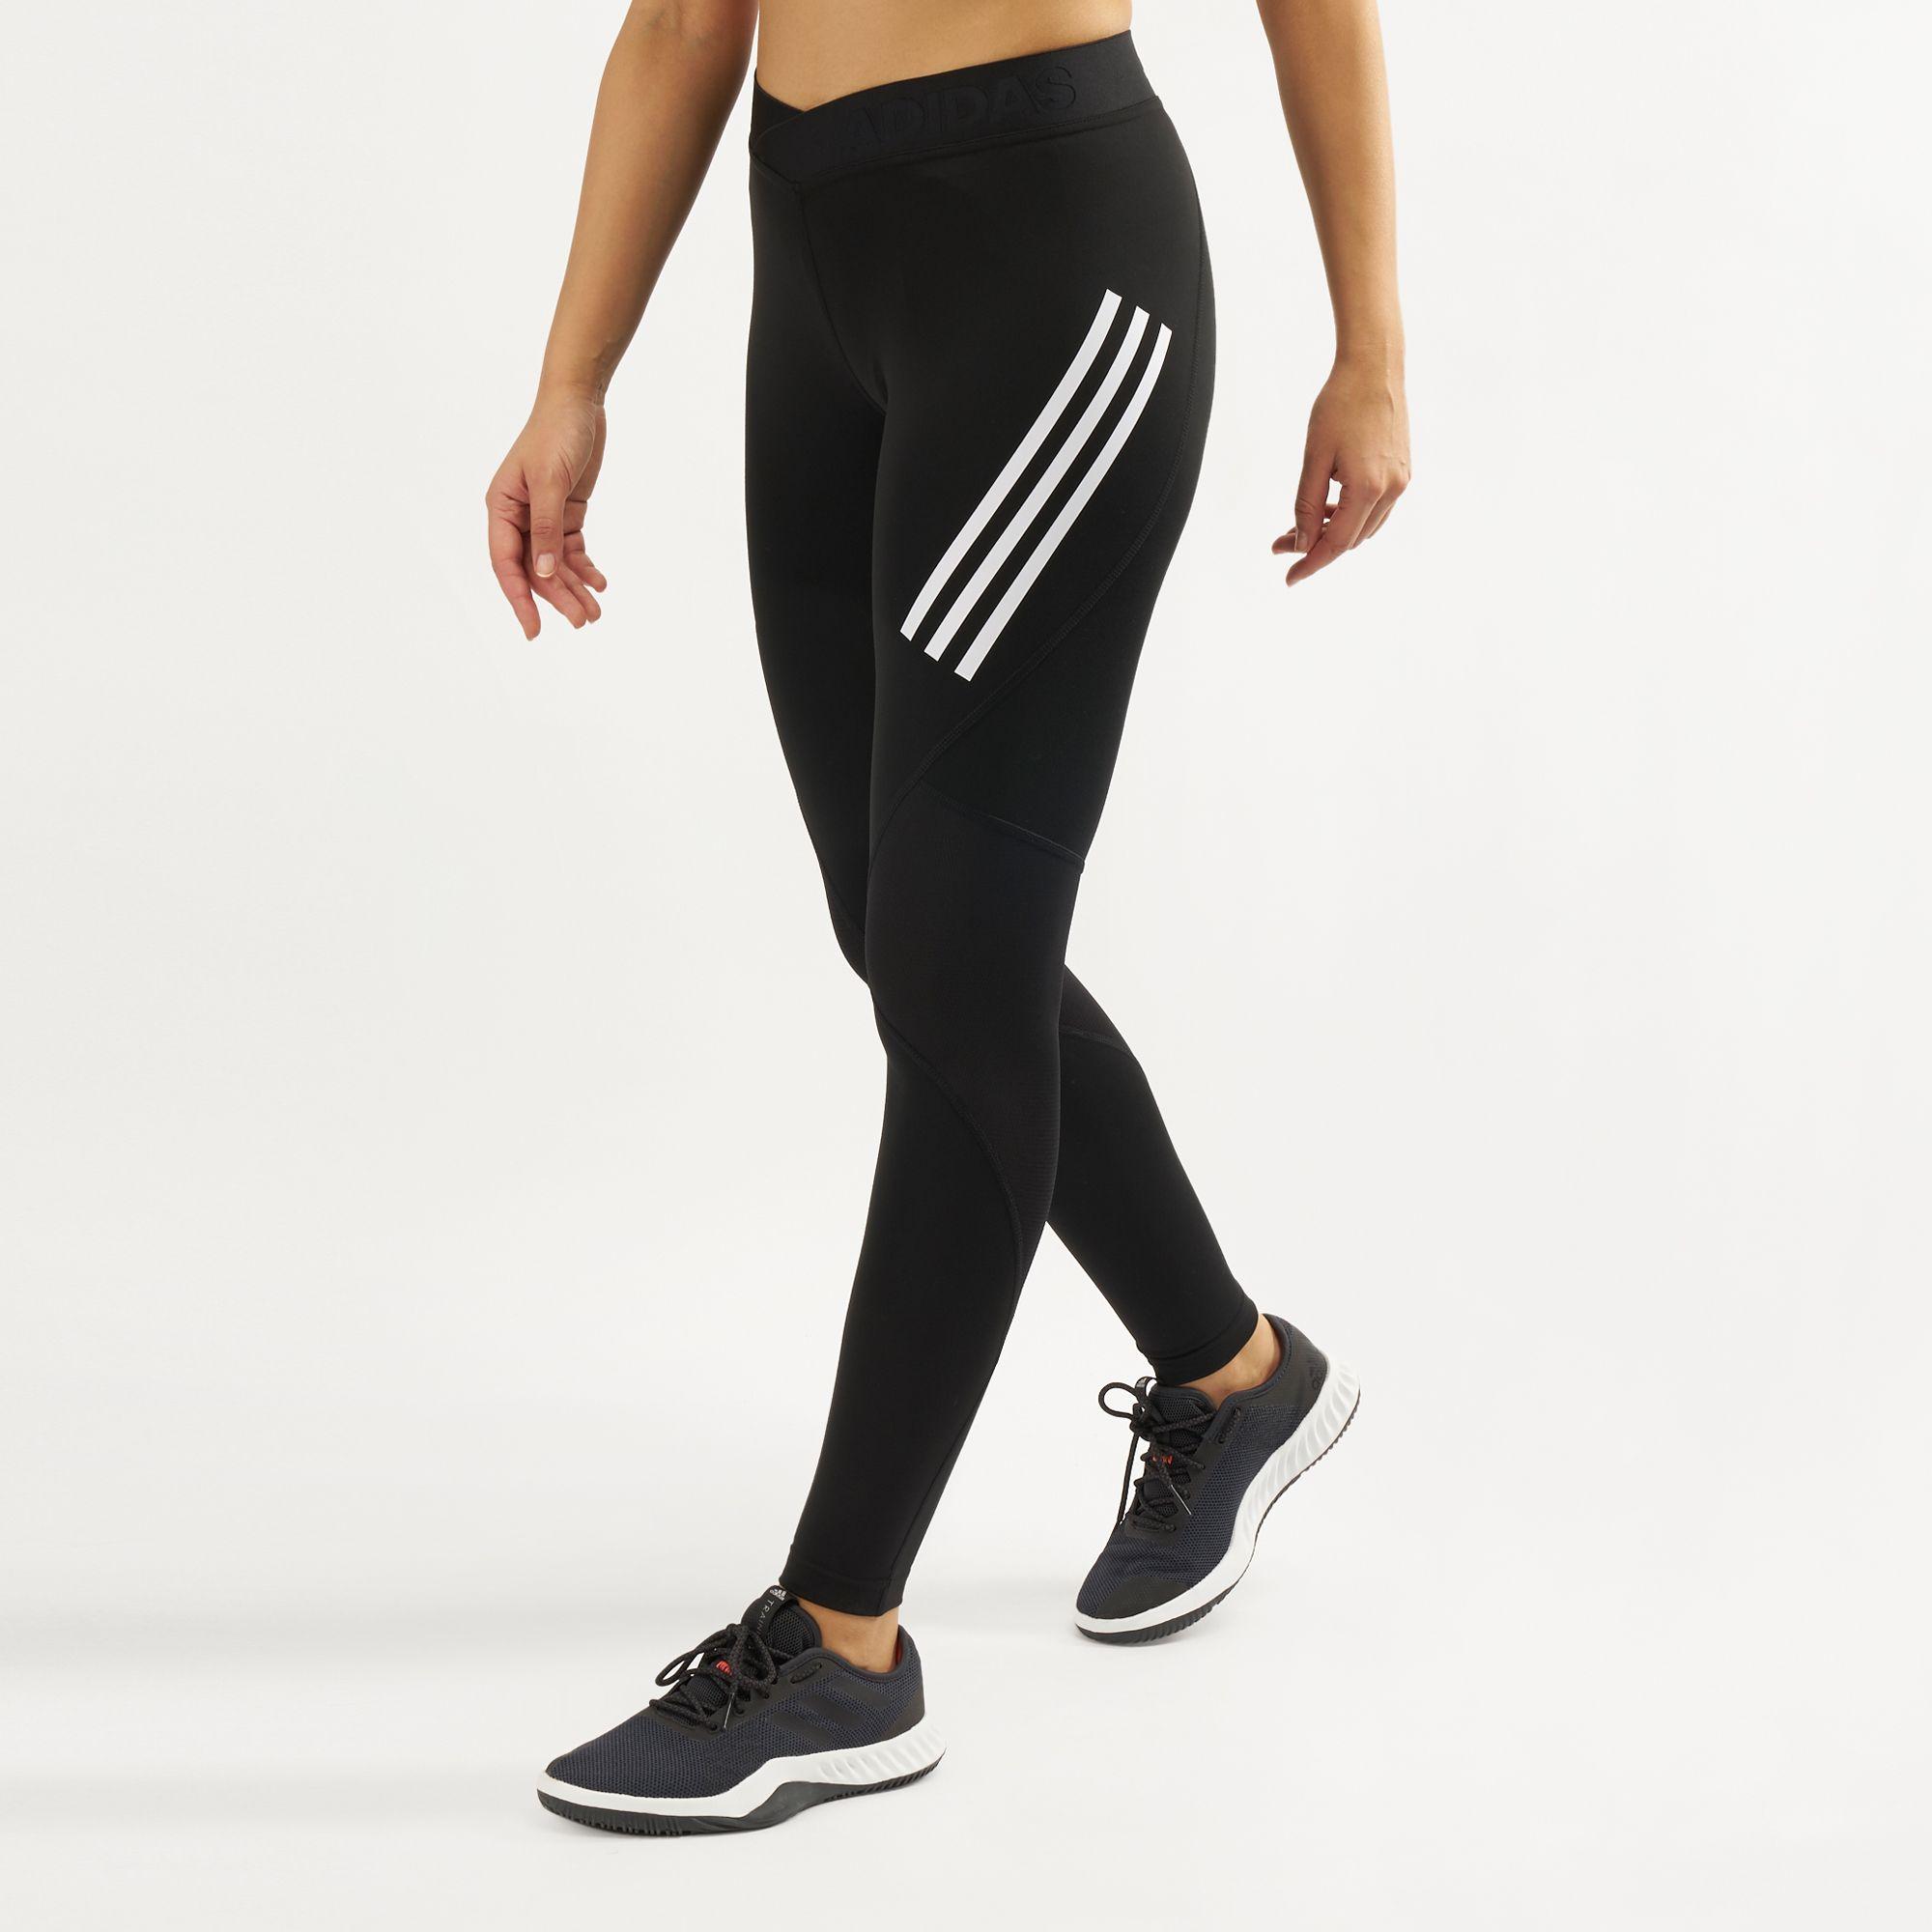 40c13ae6162 Adidas WoMen's Alphaskin Sport 3-Stripes Leggings   Full Length ...